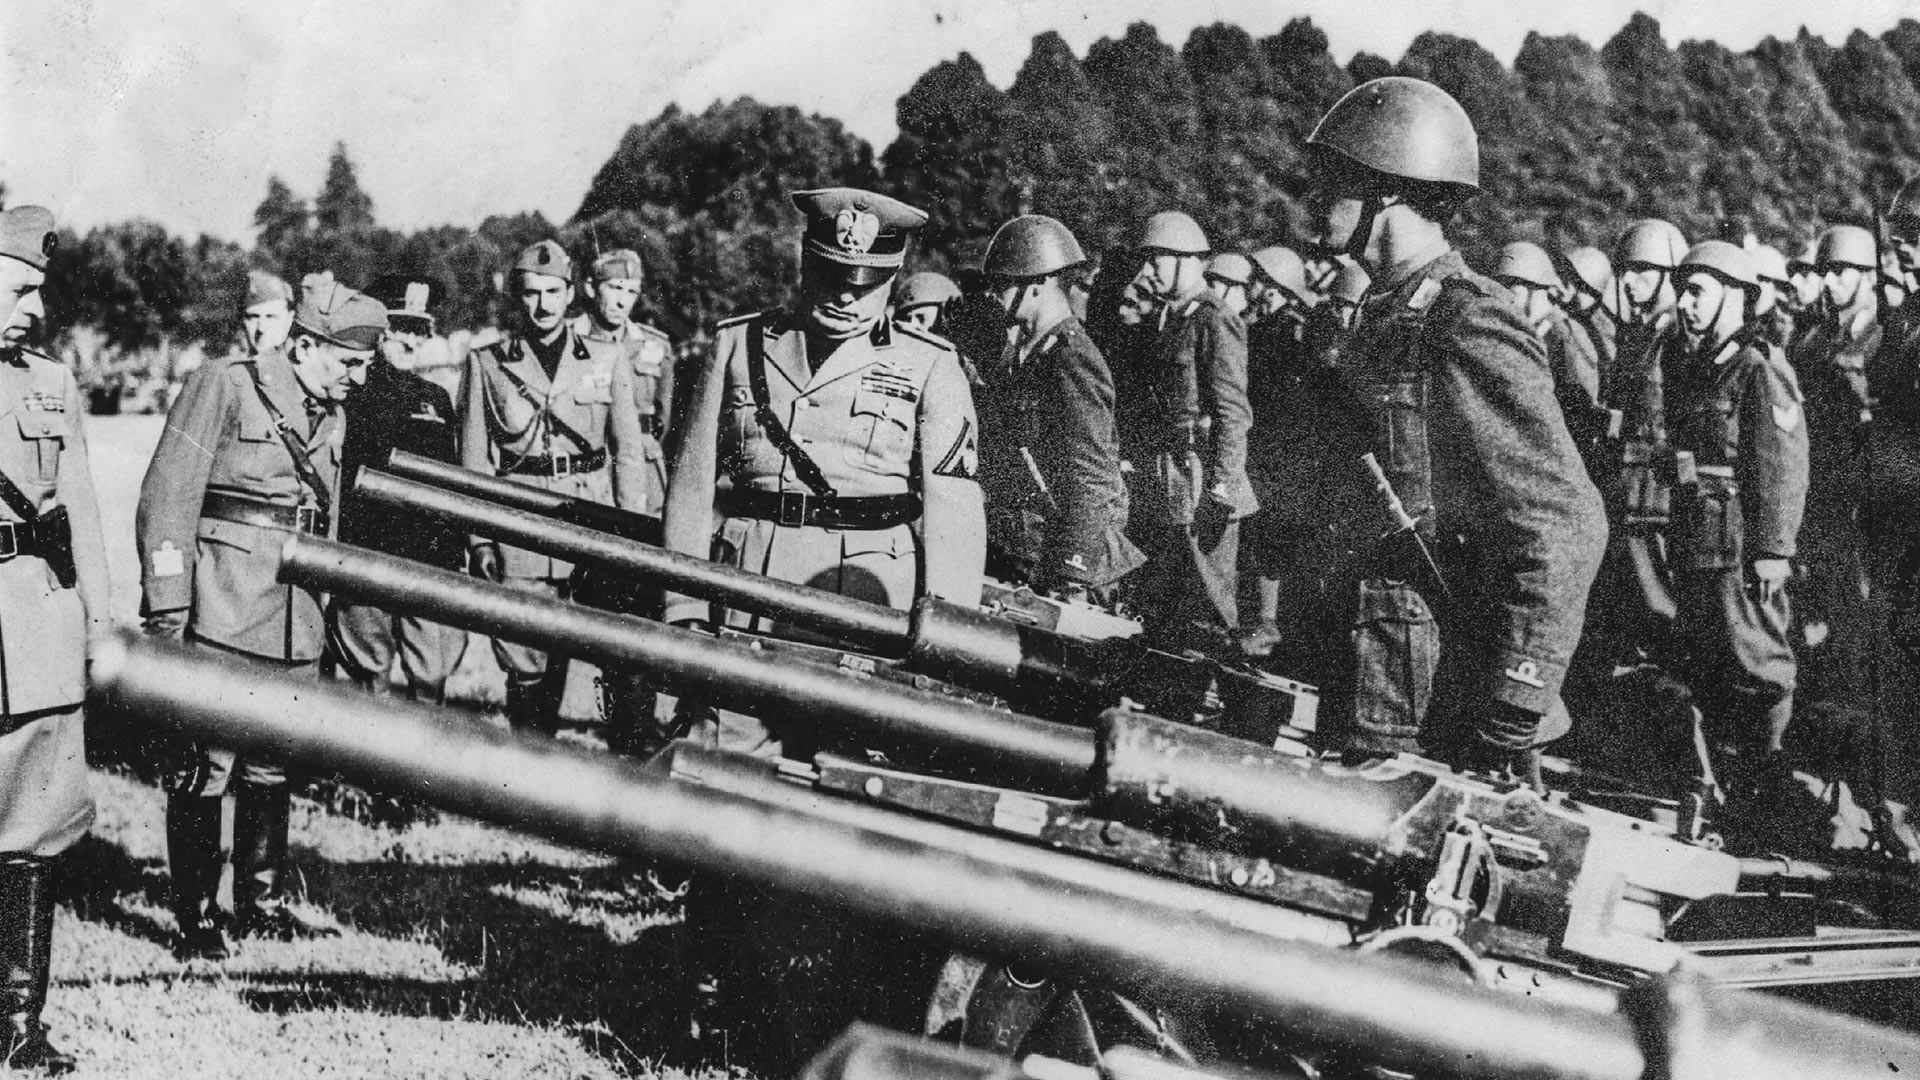 Benito Mussolini inspecciona los cuatro cañones que envió con la primera división de soldados al frente ruso.